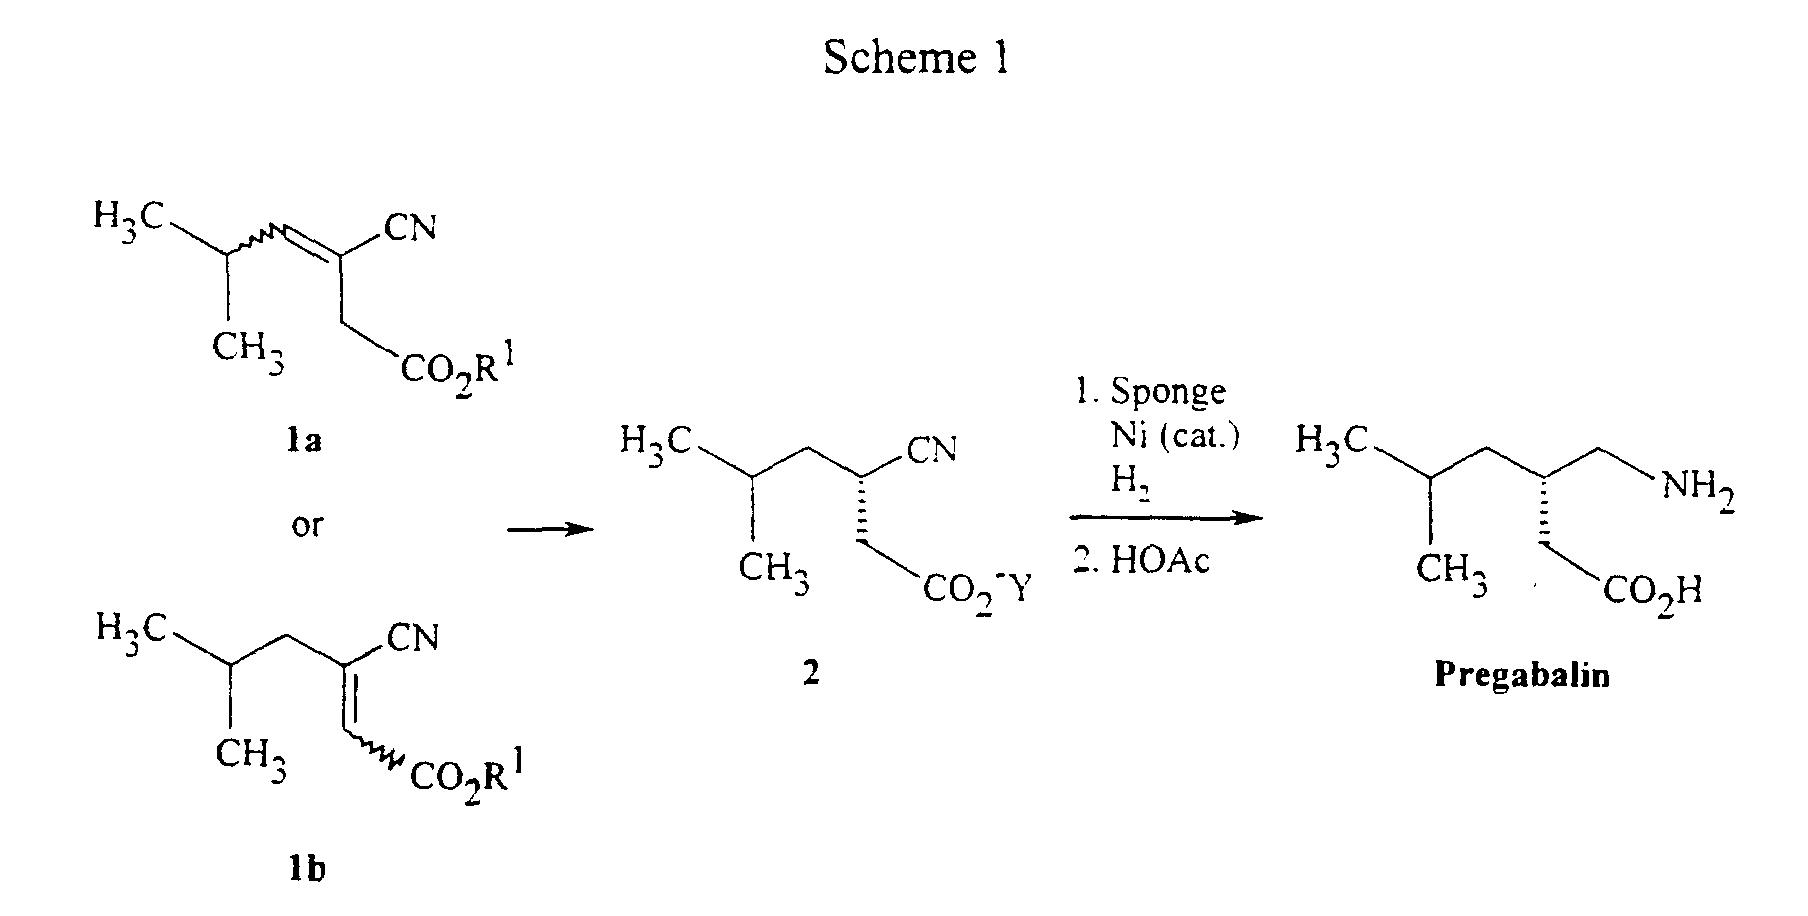 pregabalin synthesis reactions